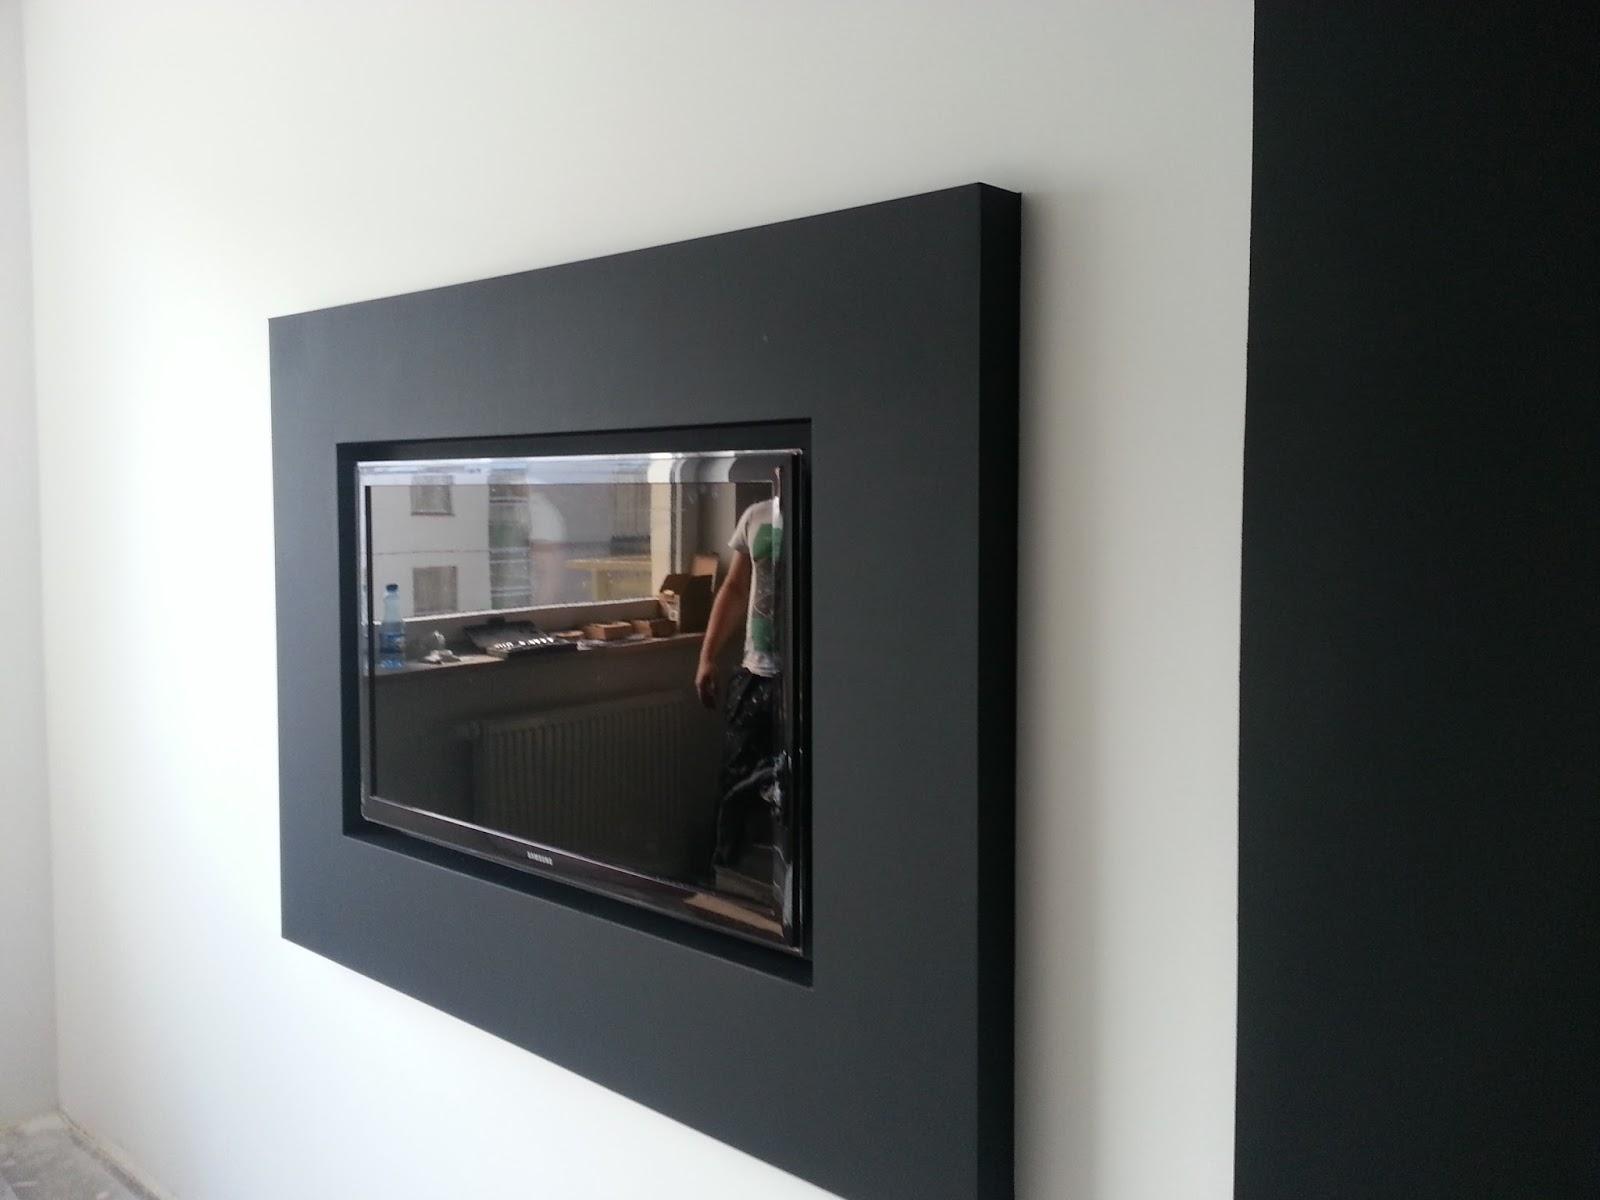 Obudowa telewizora na ścianie